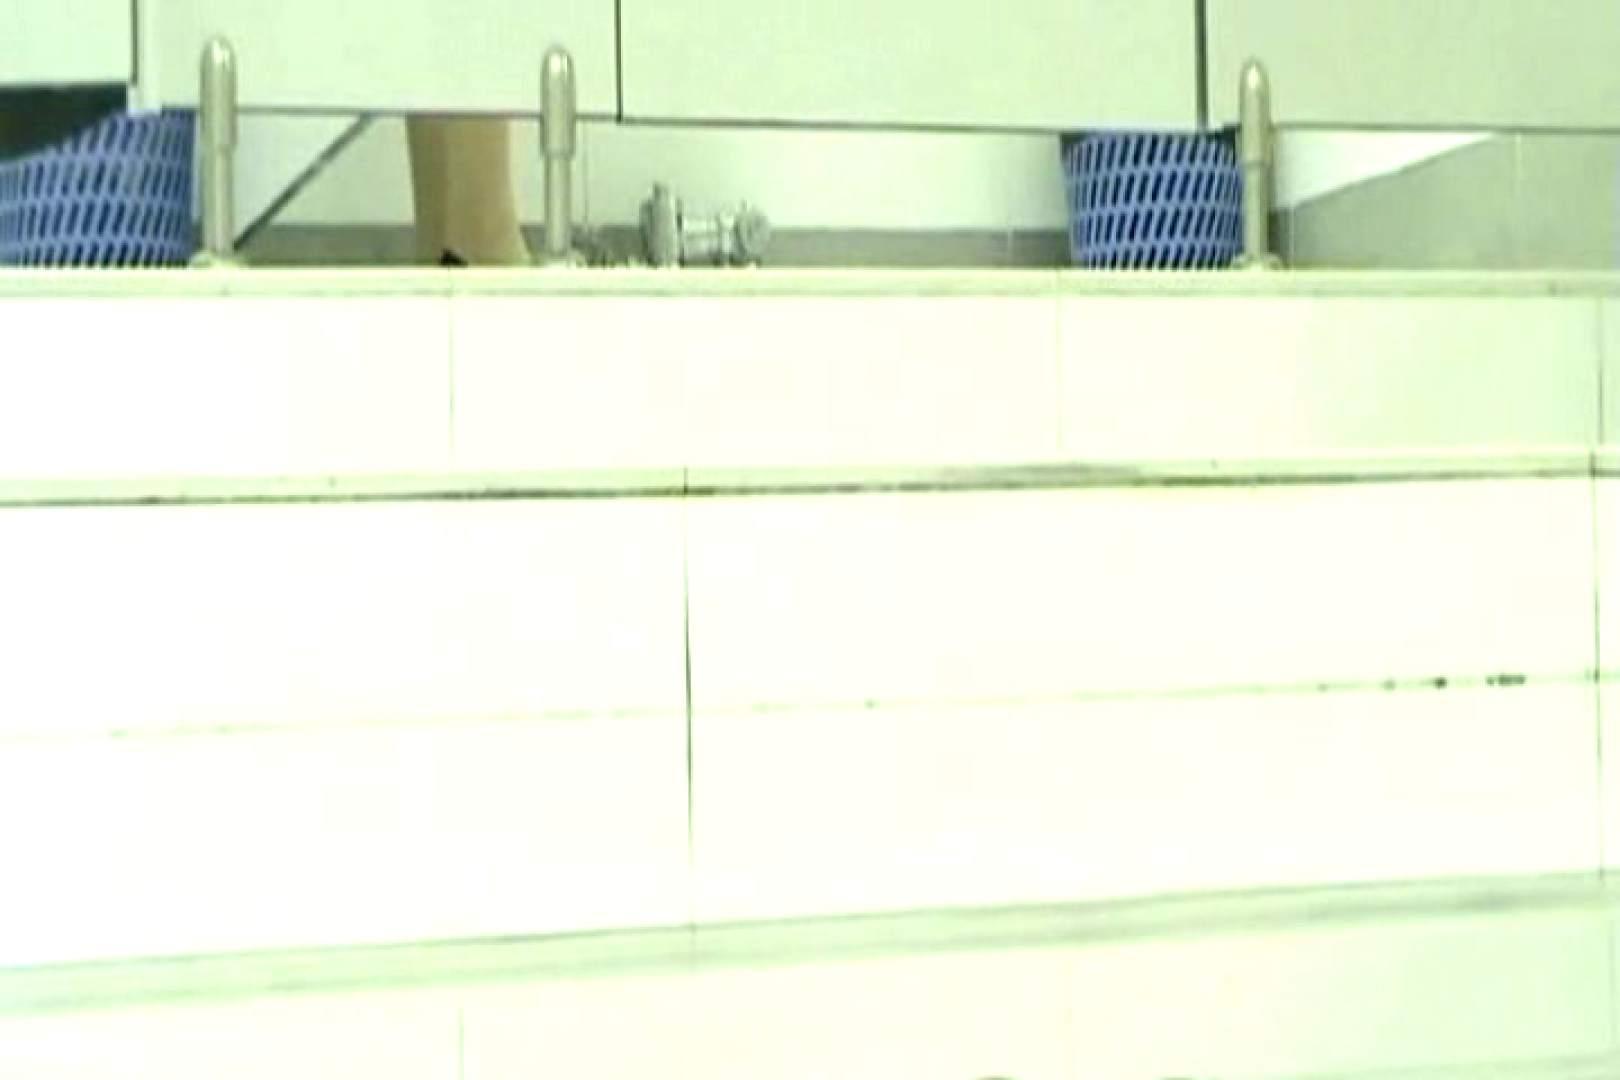 ぼっとん洗面所スペシャルVol.2 美しいOLの裸体 ワレメ無修正動画無料 106pic 74